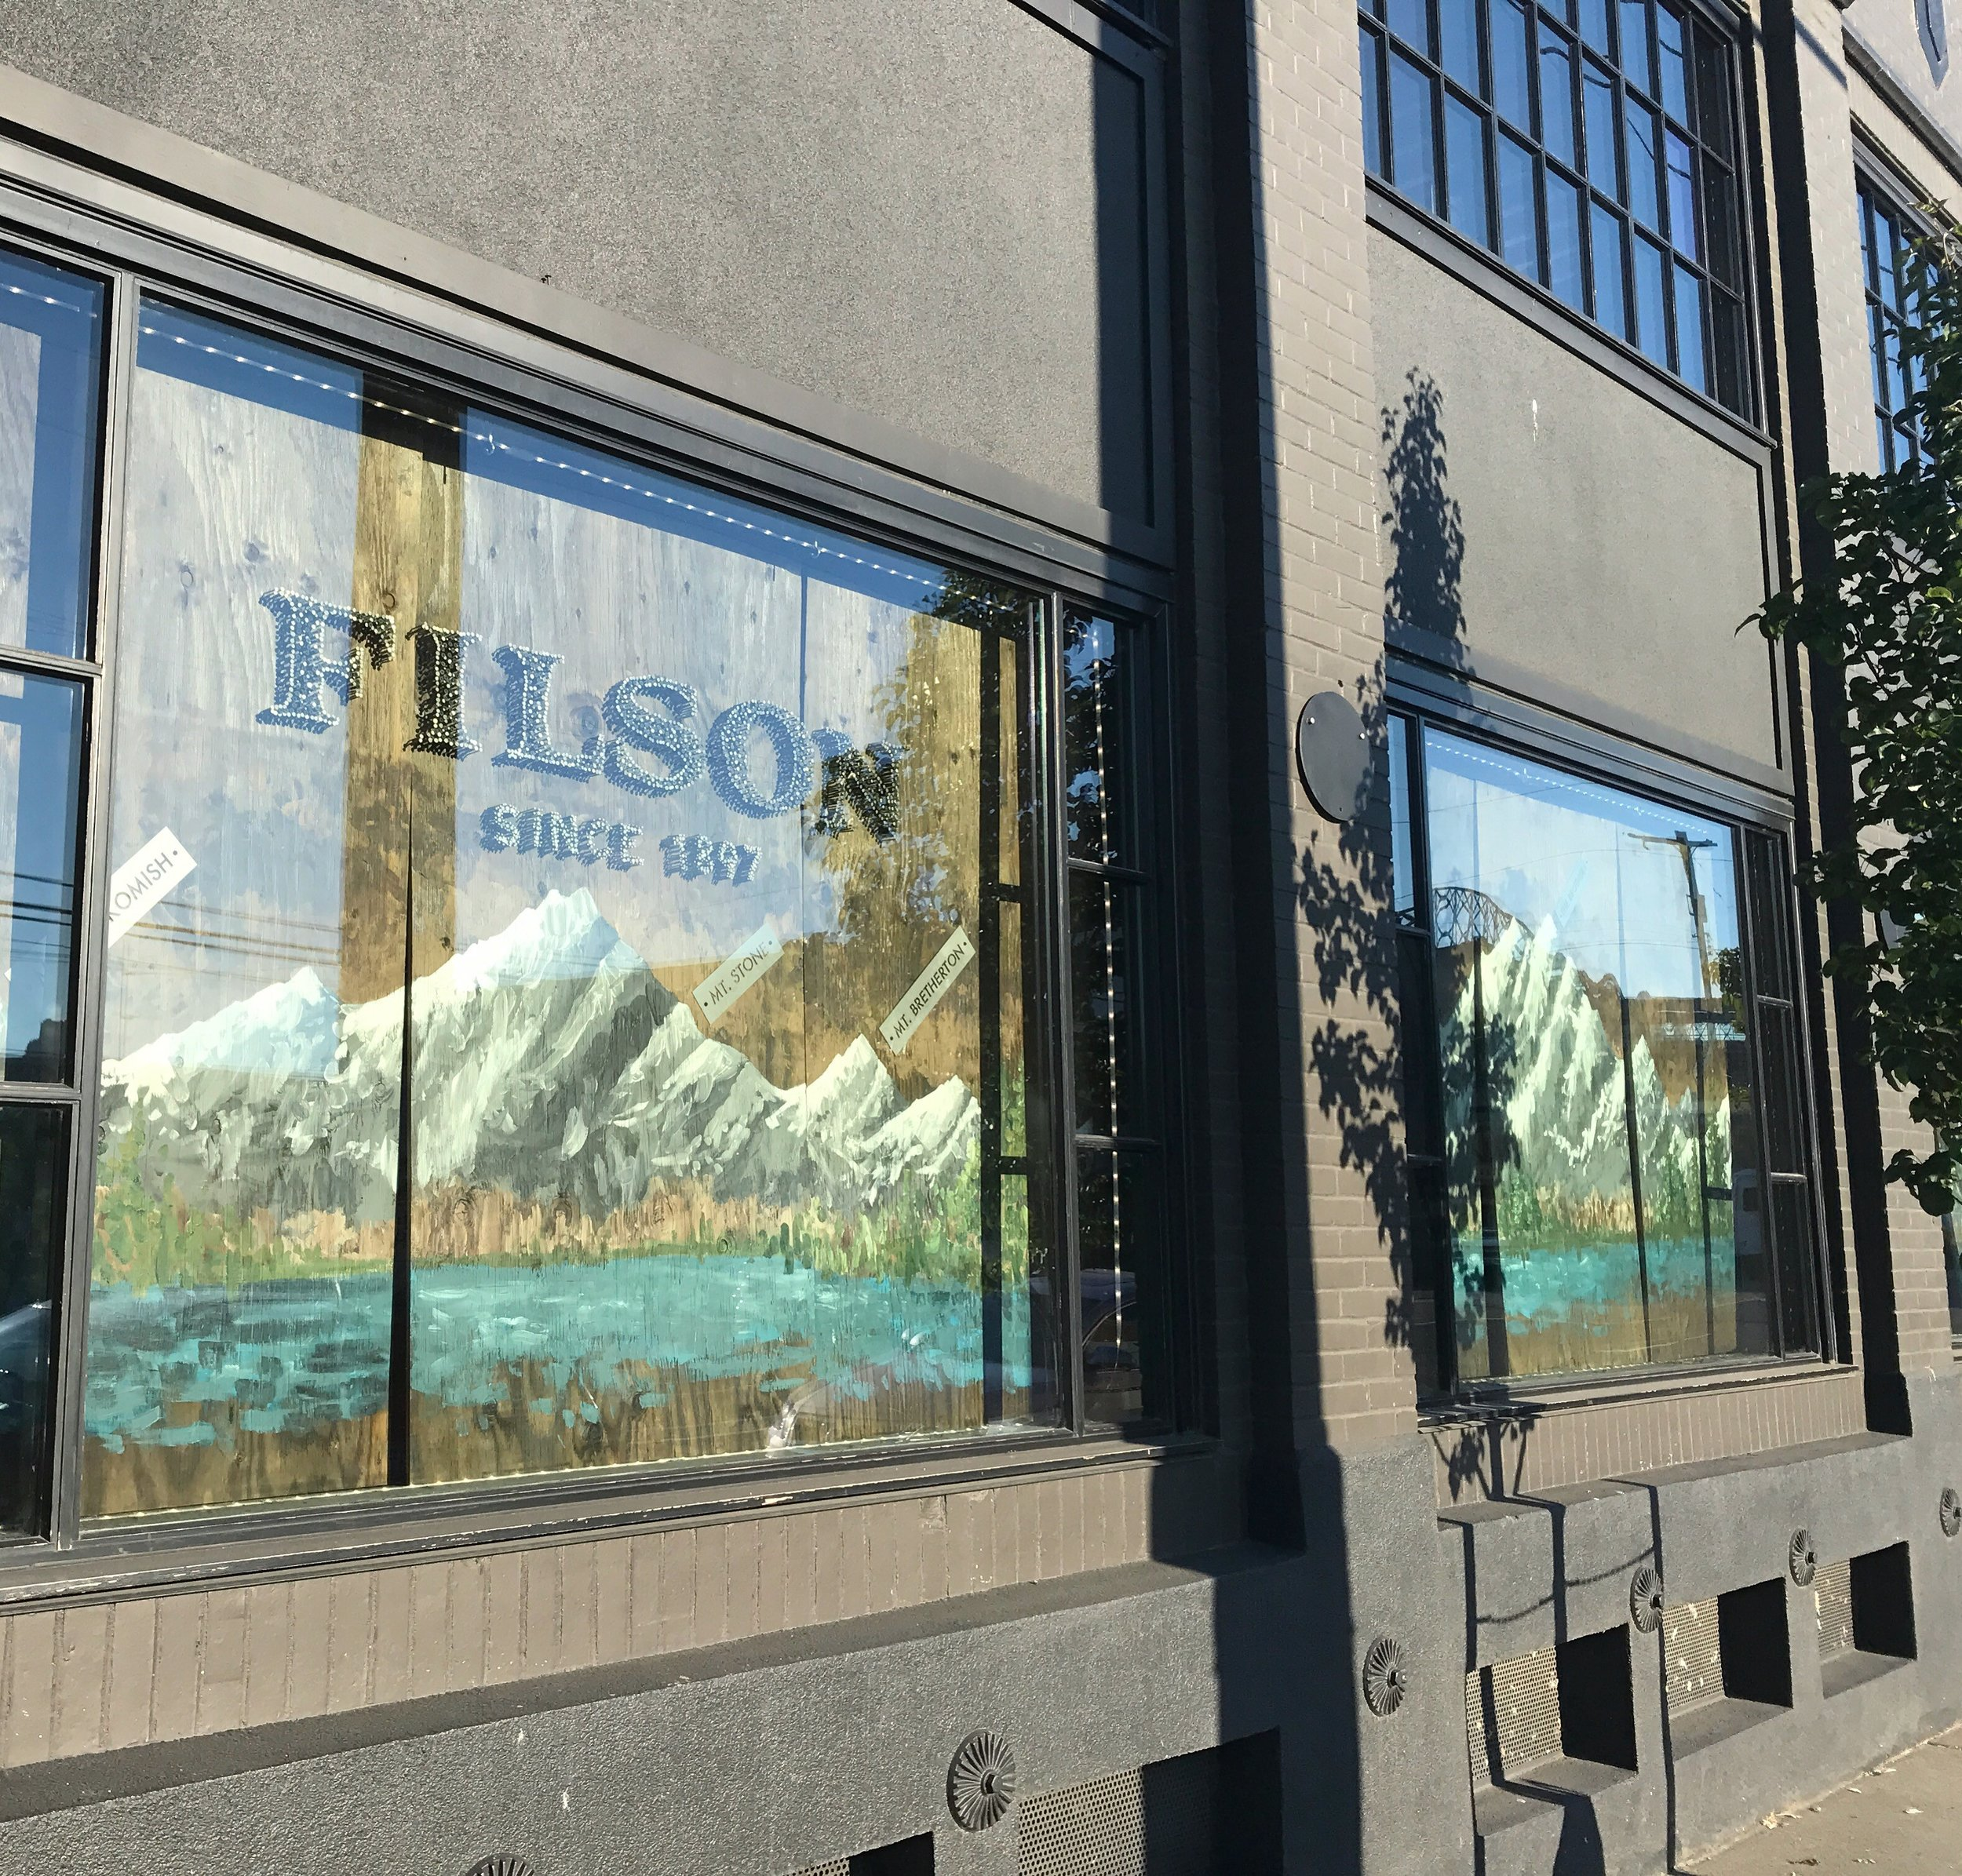 filson window1.jpg